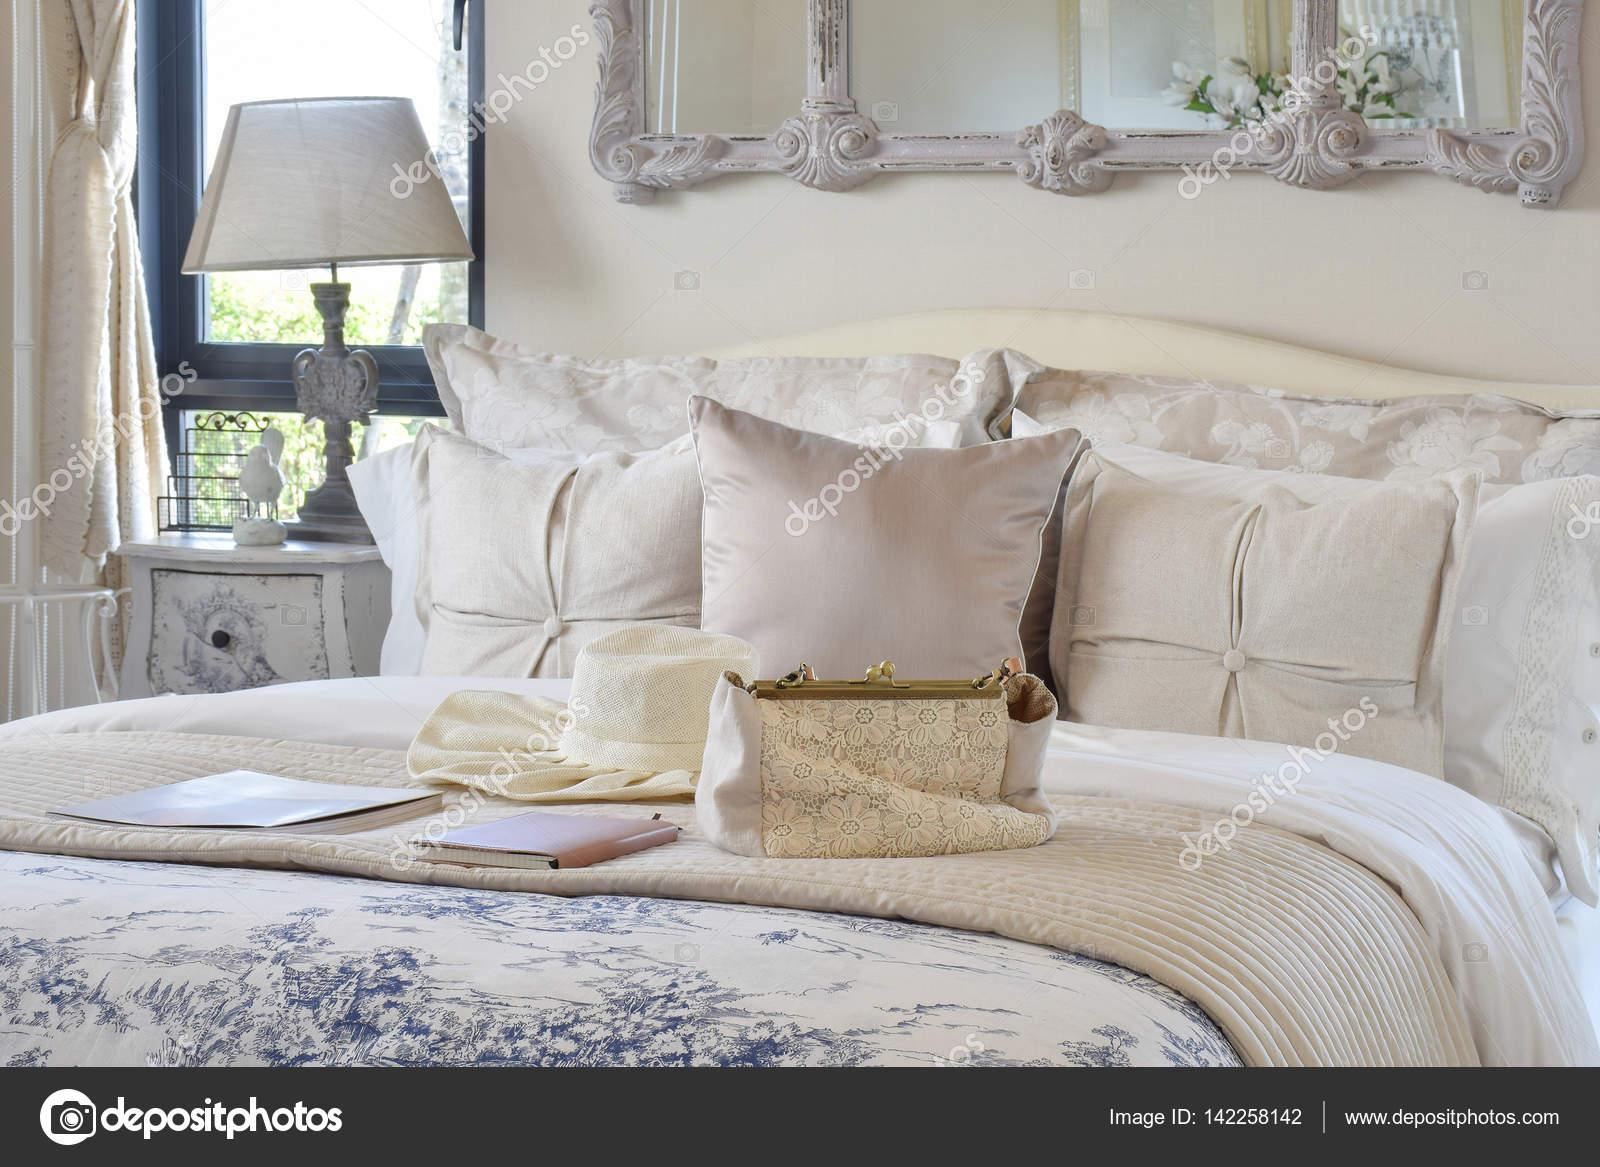 Luxus Schlafzimmer Innenraum Mit Dekorativen Set Mit Vintage Tasche, Hut,  Bücher über Bett